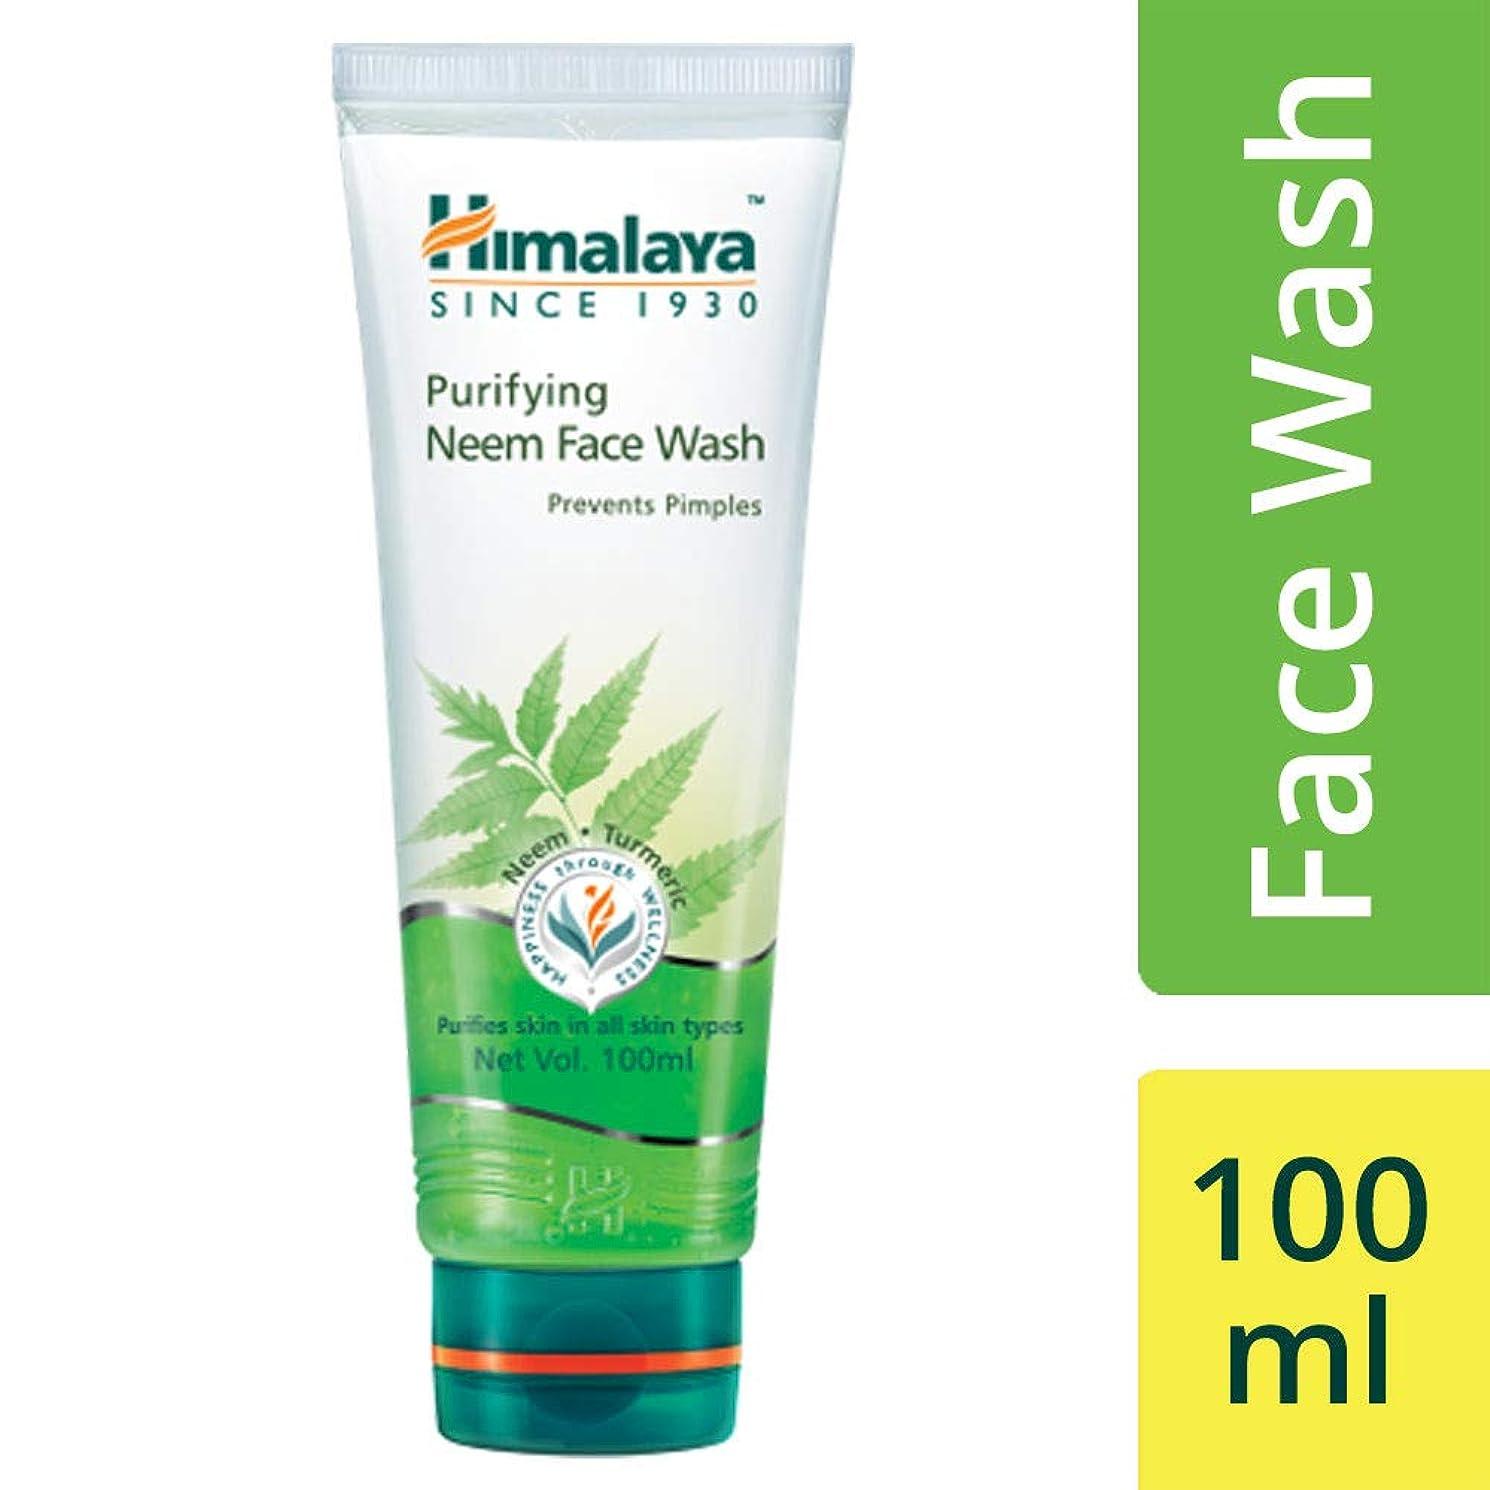 難民作動する発音Himalaya Herbals Purifying Neem Face Wash 100ml (Prevents Pimples)